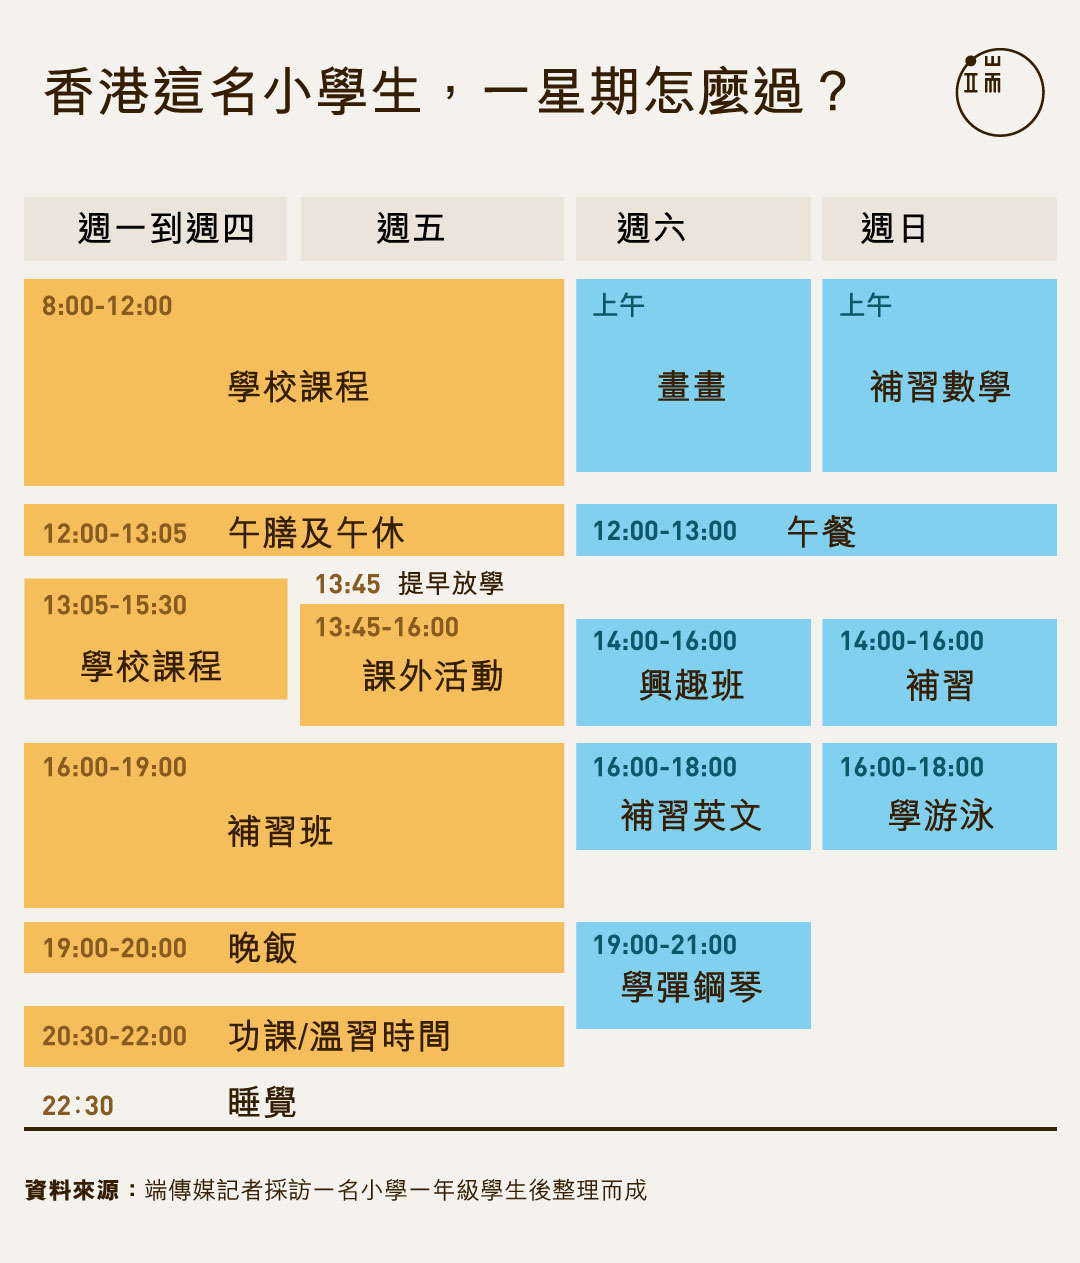 香港這名小學生,一星期怎麼過?